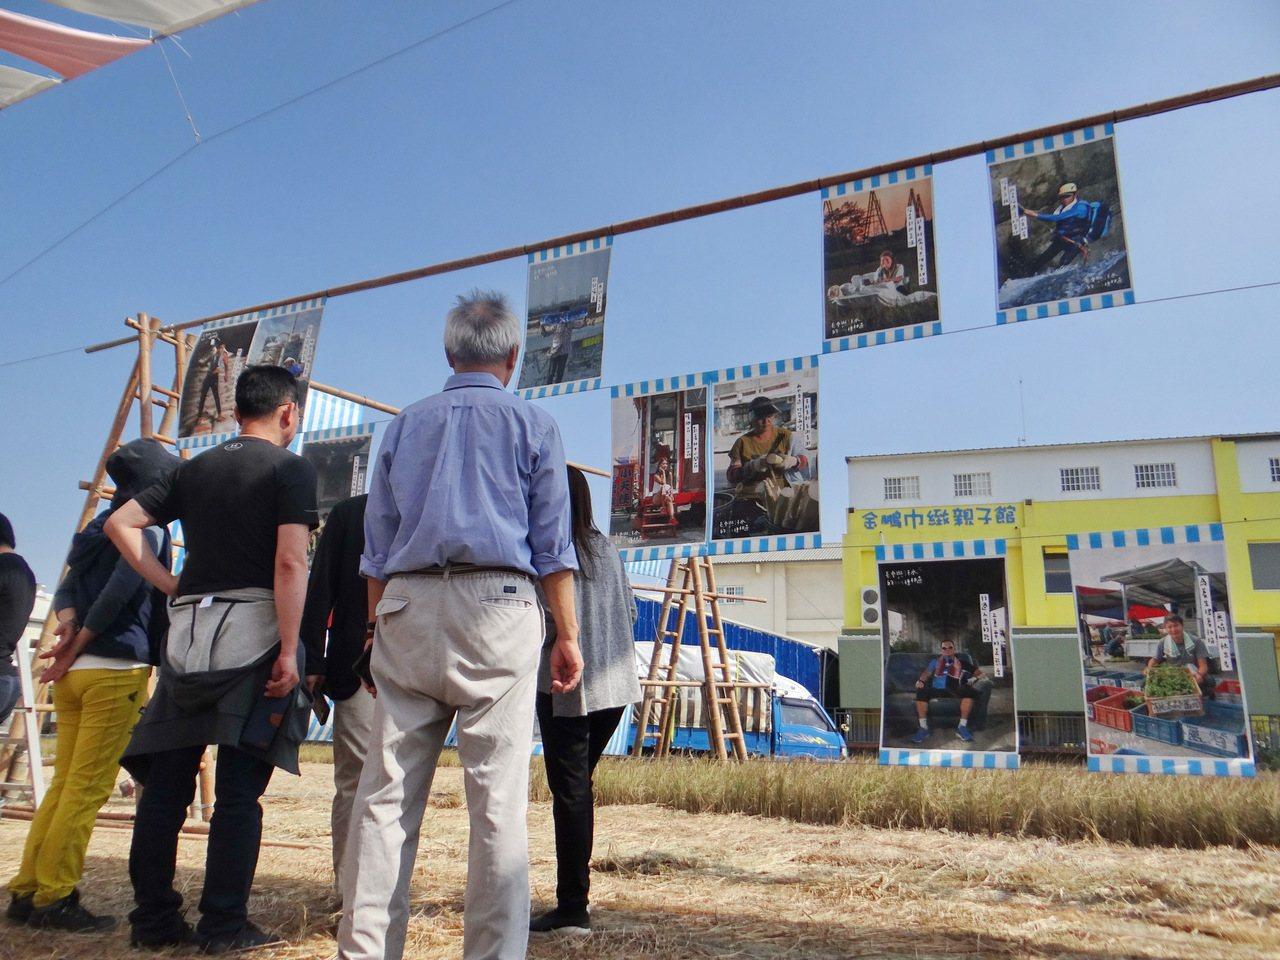 會場佈滿許多辛勞的雲林農民和產業主的創業故事。記者蔡維斌/攝影